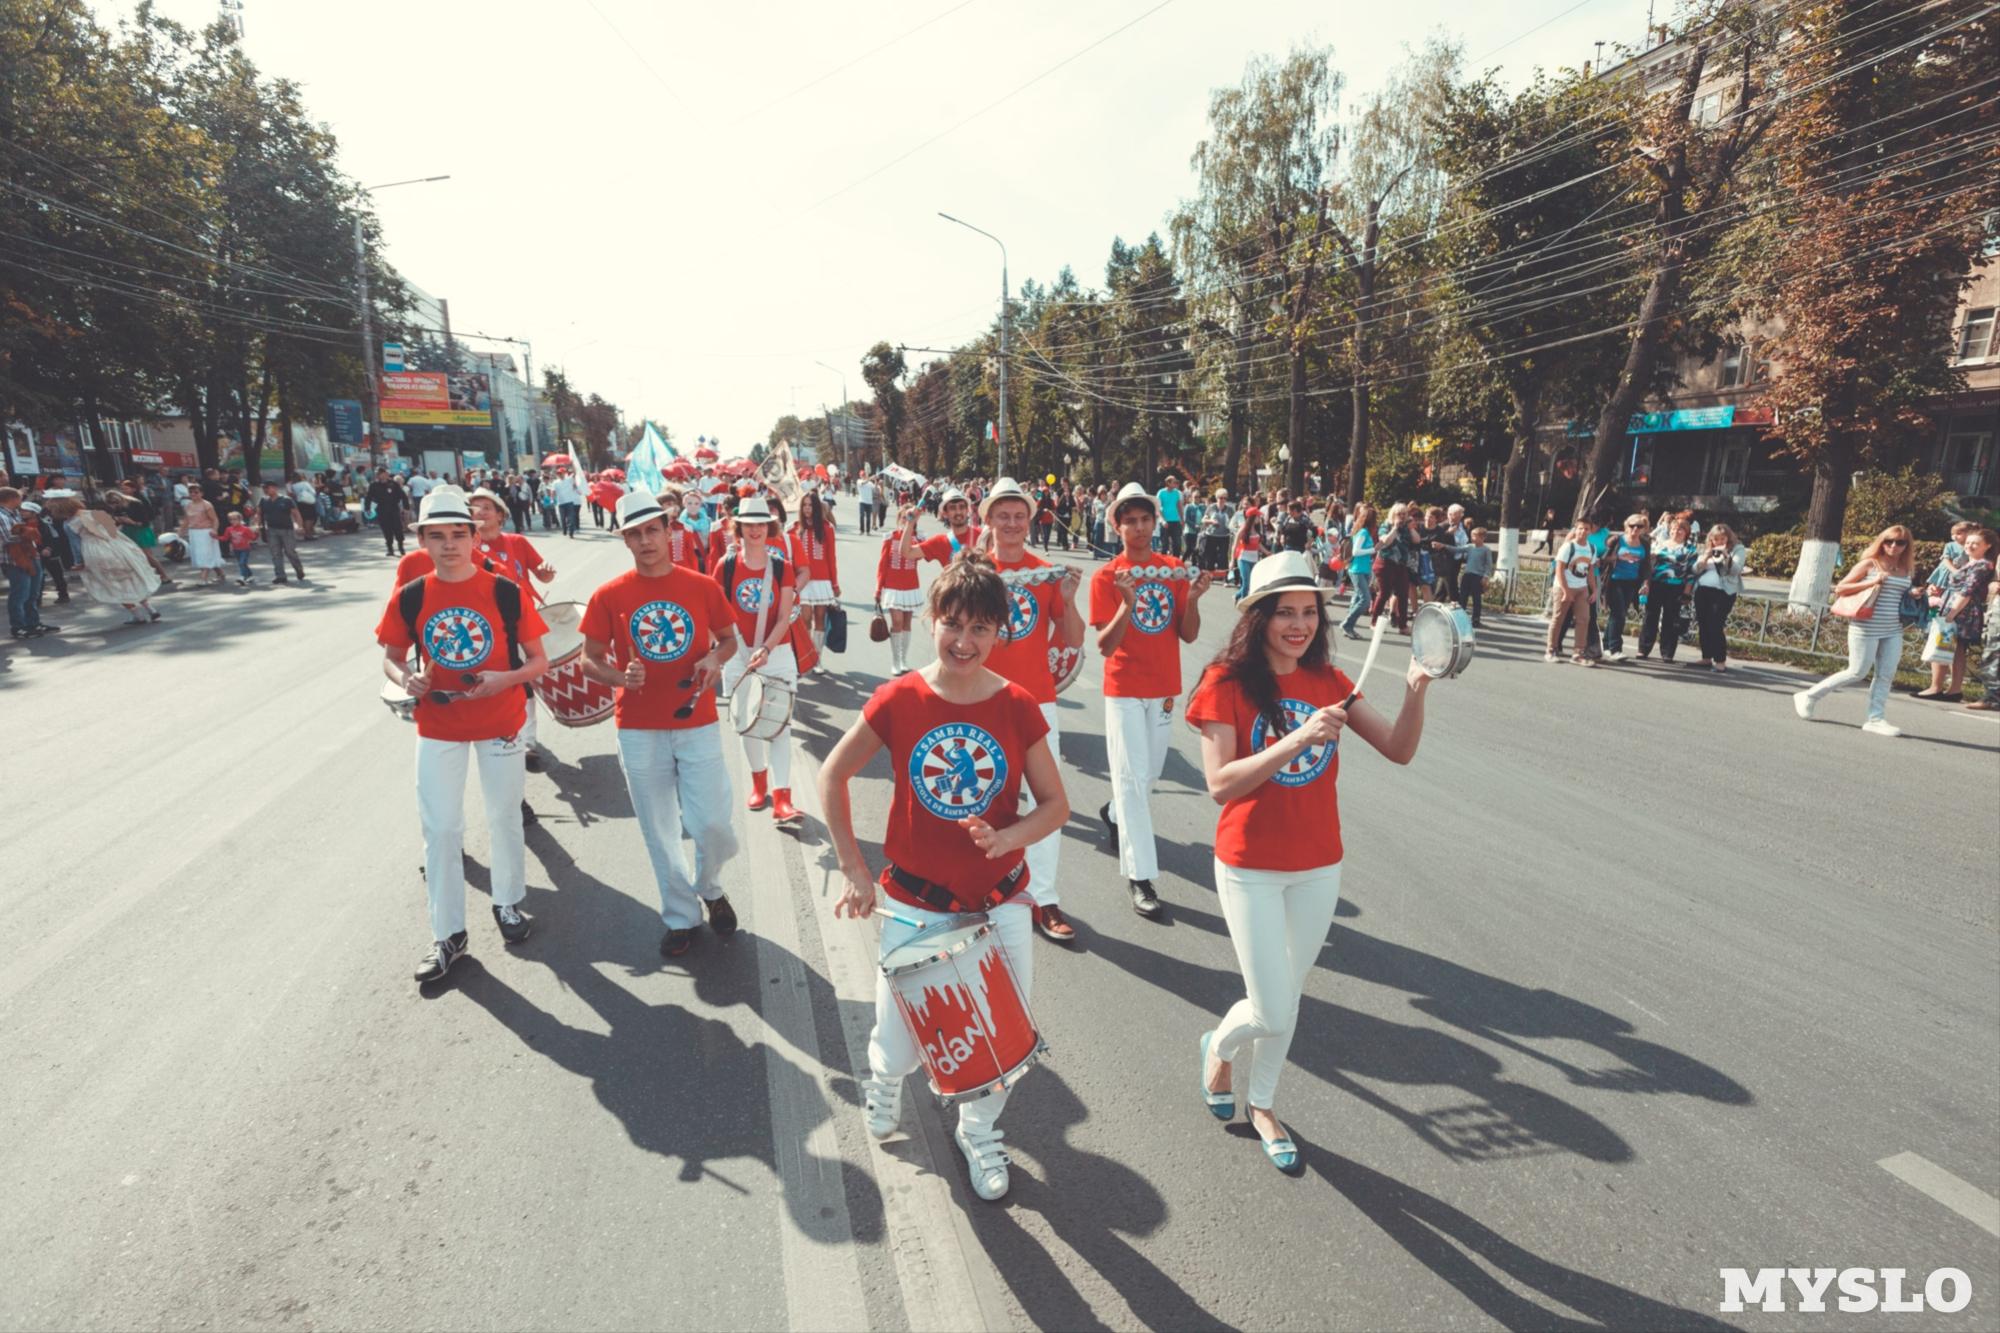 Бразильский карнавал в Измайловском парке Бразильский карнавал в Измайловском парке 06 8